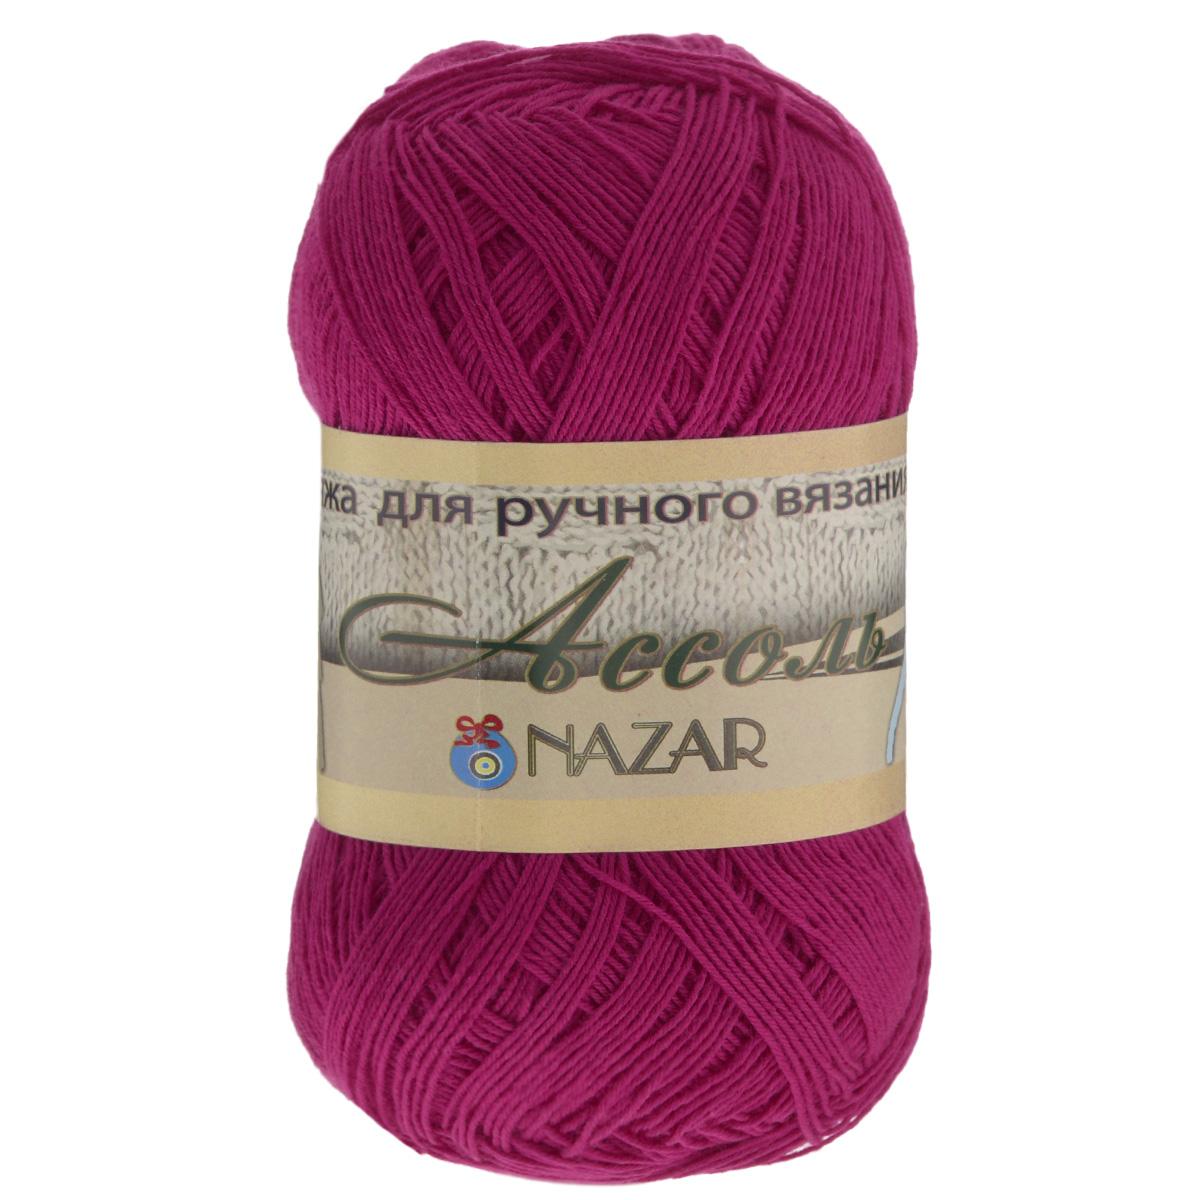 Пряжа для вязания Nazar Ассоль, цвет: фуксия (1780), 500 м, 50 г, 10 шт349025_1780Nazar Ассоль - это превосходная пряжа, изготовленная из 100% хлопка. Пряжа не имеет эффекта ваты и позволяет вязать ажурные летние изделия спицами или крючком в 2 сложения или теплые вещи в 4-5 сложений. Из такой пряжи хорошо смотрятся рельефные узоры. Рекомендуемые спицы 2 мм, крючок 2 мм. Количество мотков: 10 шт. Состав: 100% хлопок.